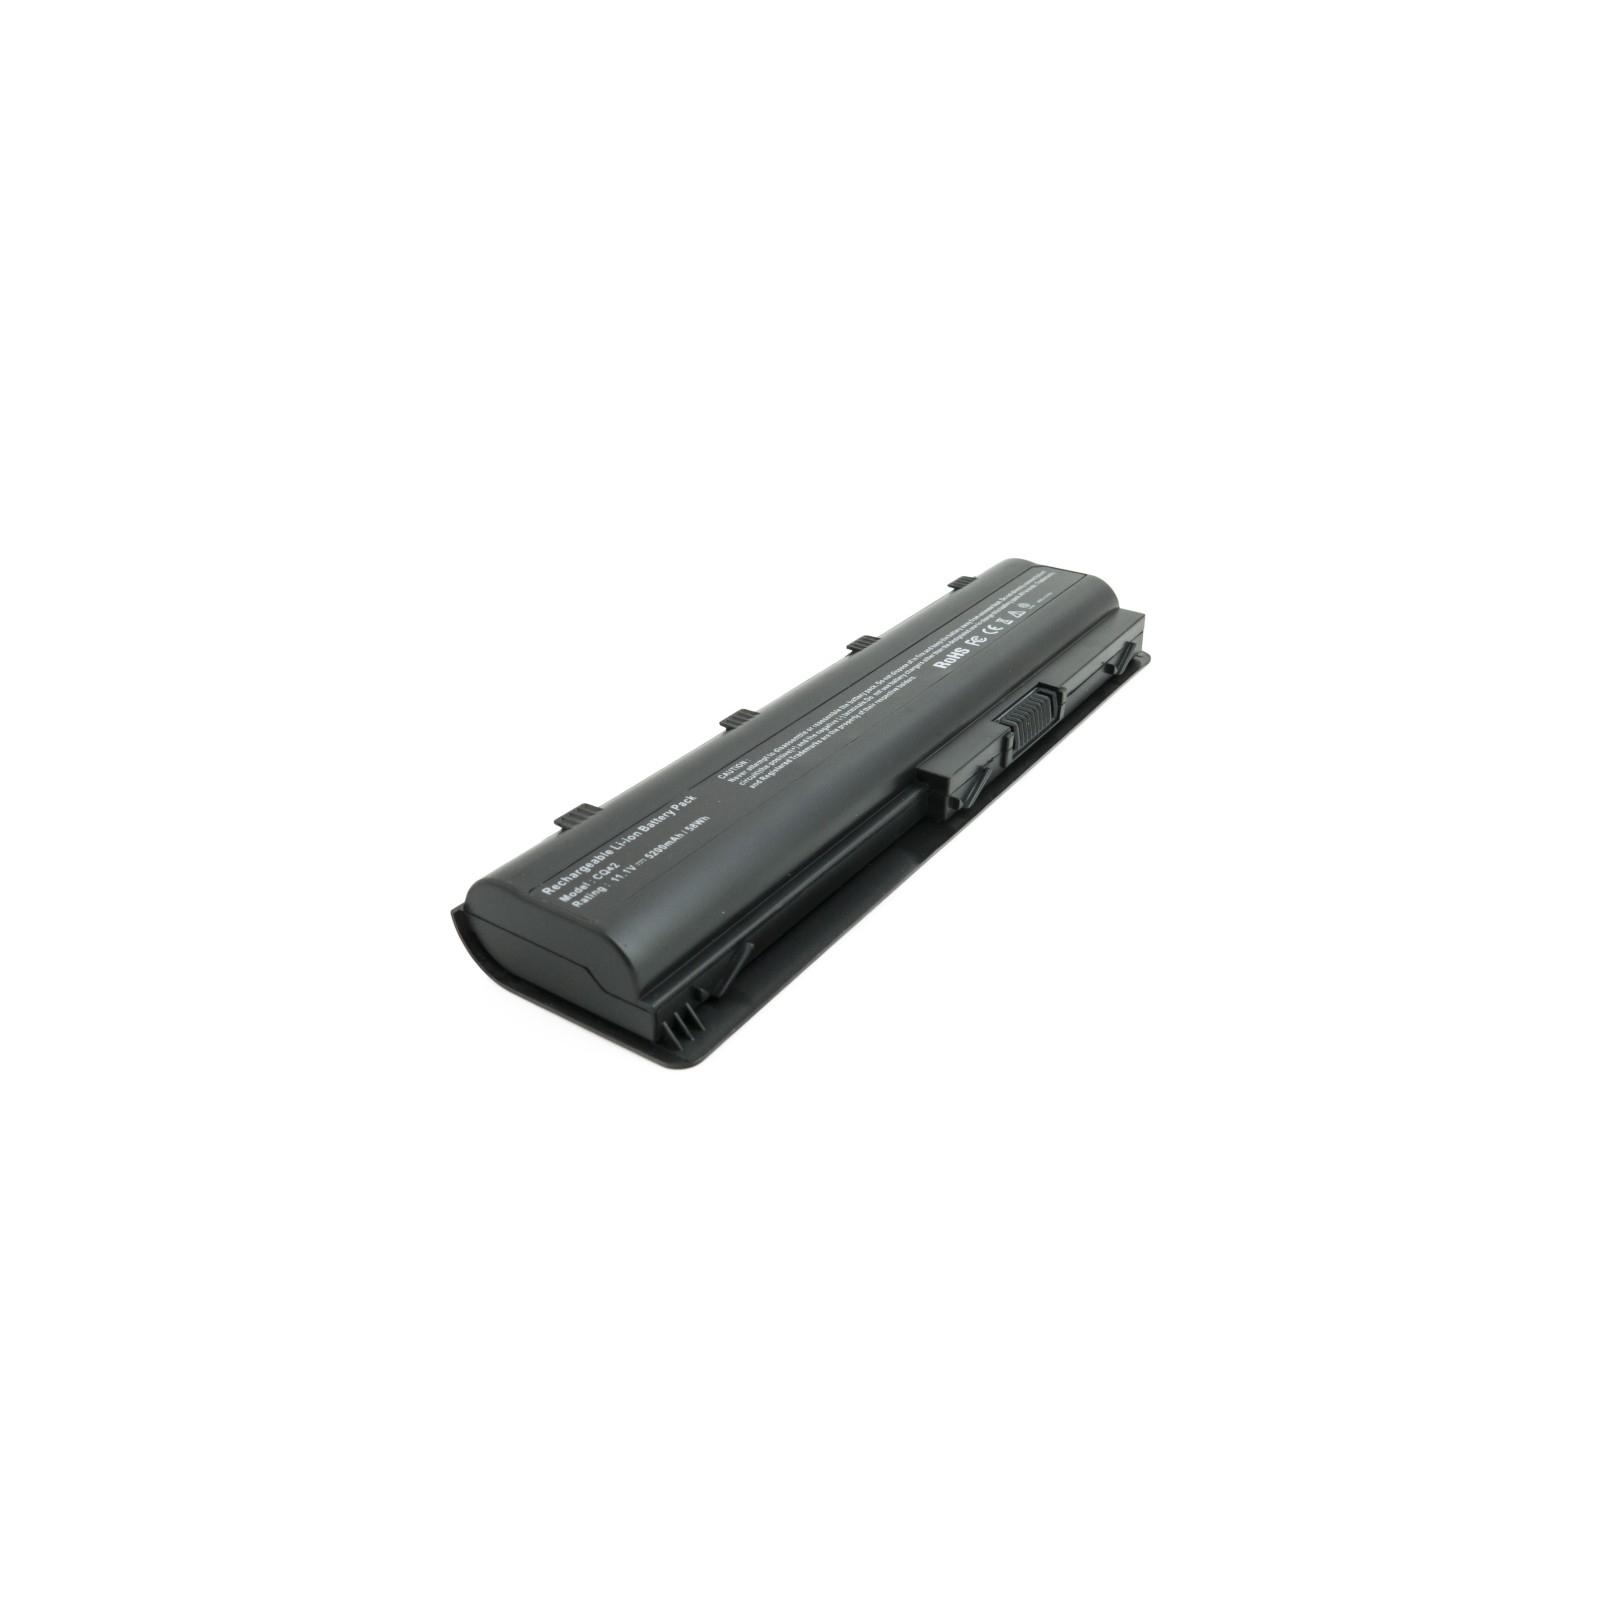 Аккумулятор для ноутбука HP 630 (HSTNN-Q62C) 5200 mAh Extradigital (BNH3942) изображение 2